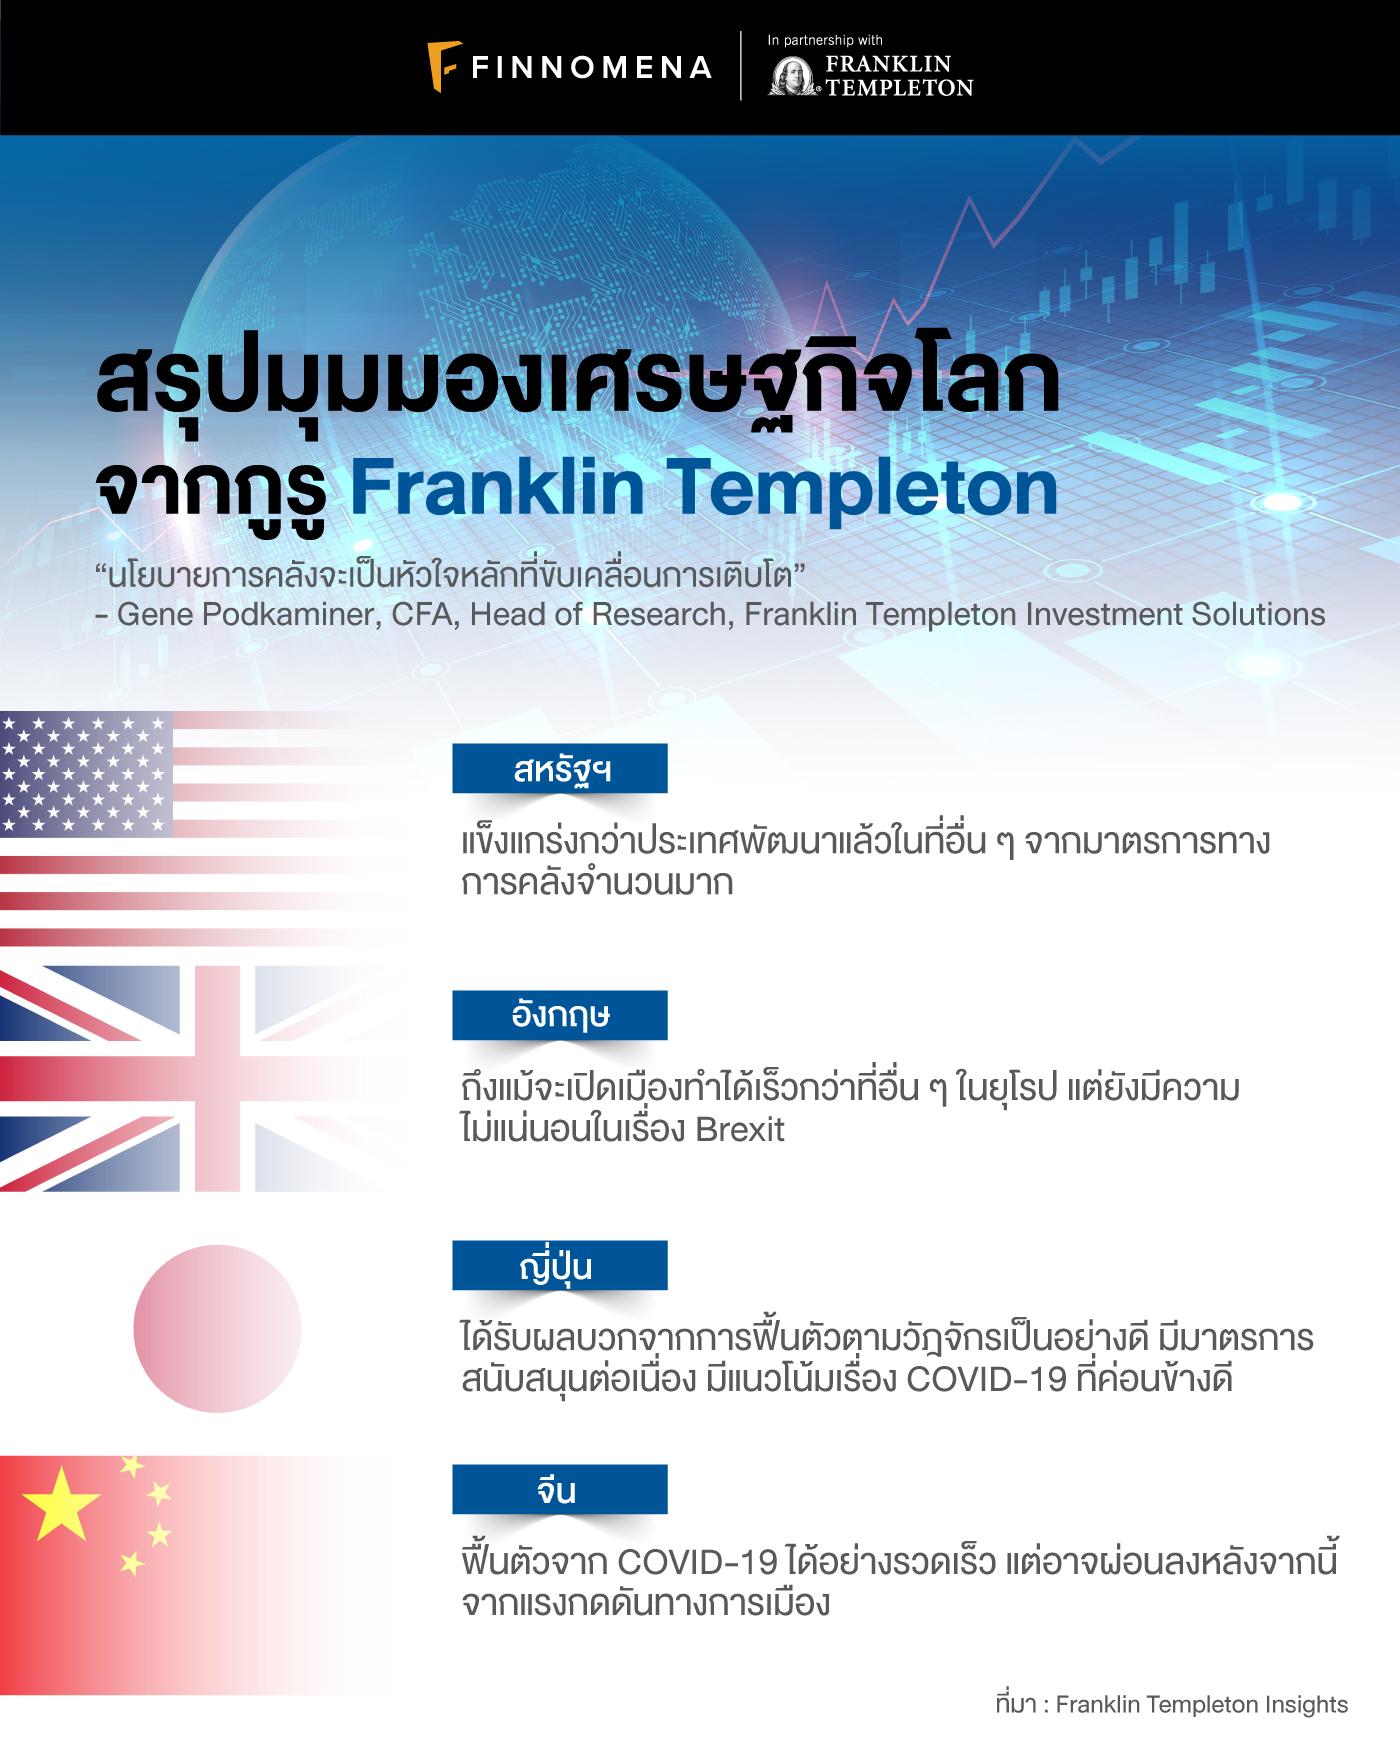 สรุปมุมมองเศรษฐกิจโลก จากกูรู Franklin Templeton